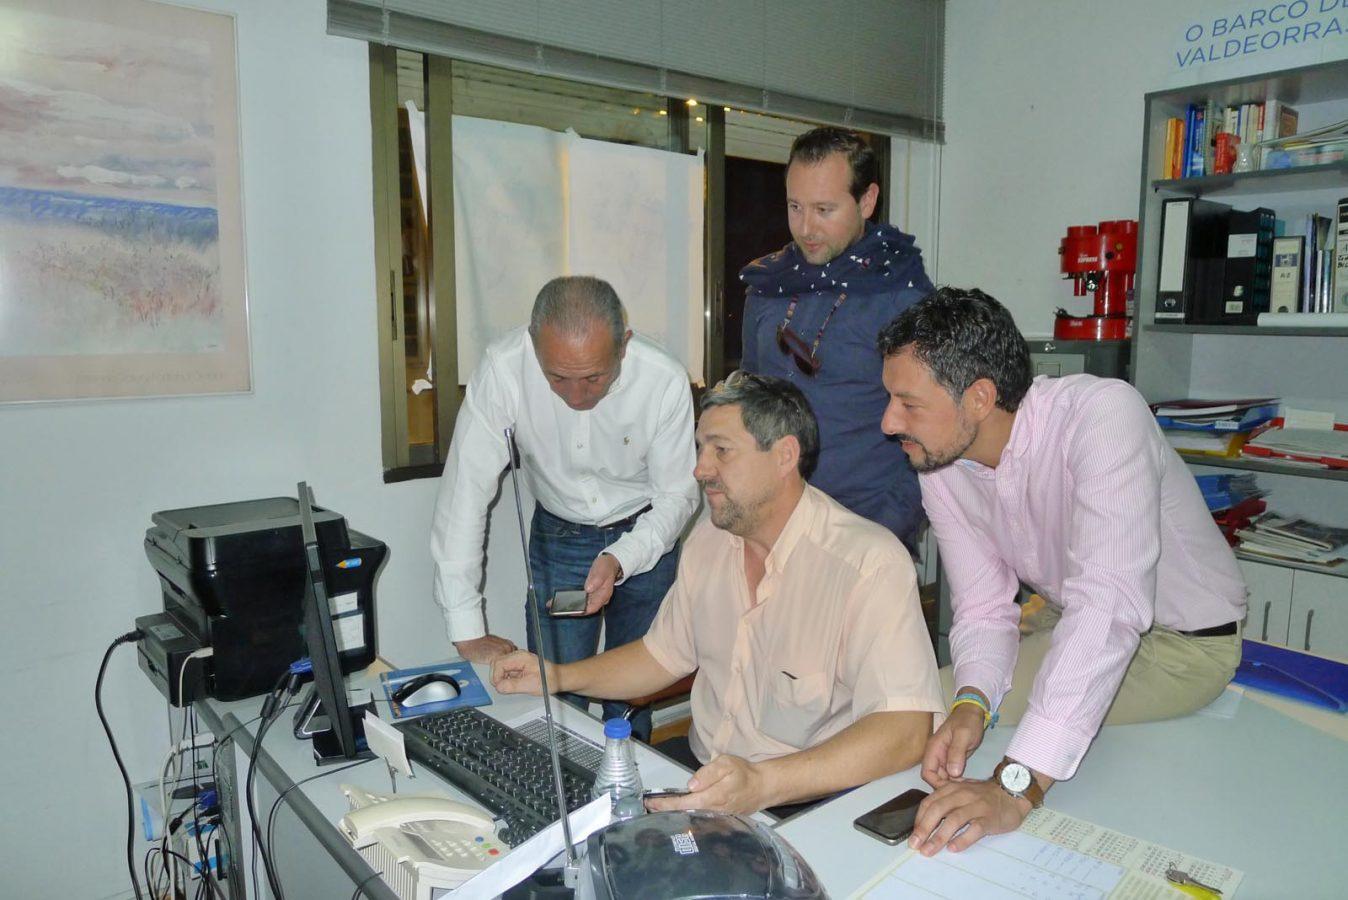 Moisés Blanco, á dereita, con outros compañeiros do PP barquense, recabando datos./ Foto: A.R.